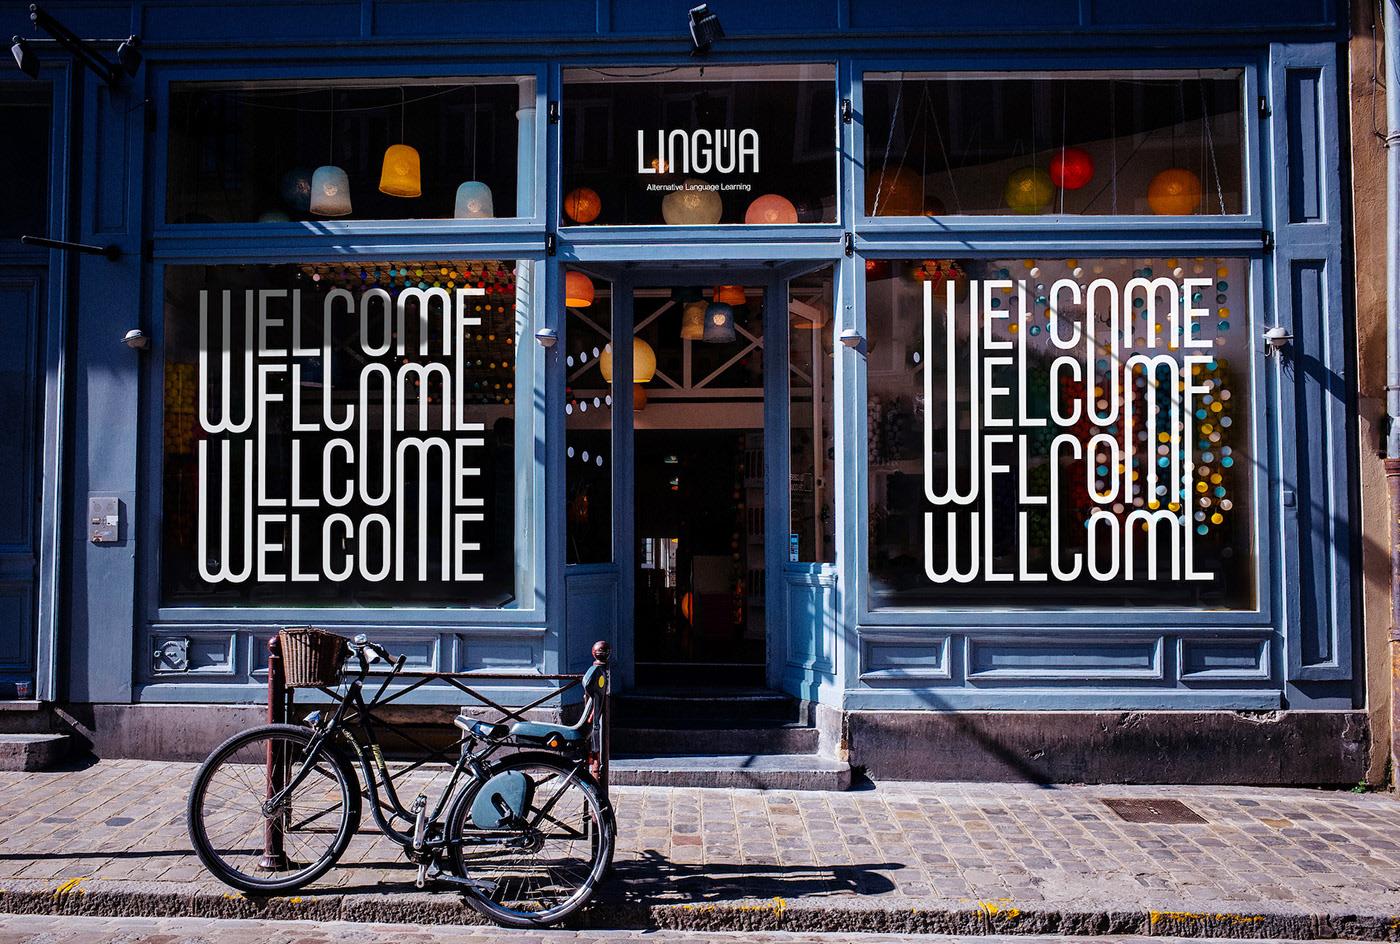 Lingua - Language Café